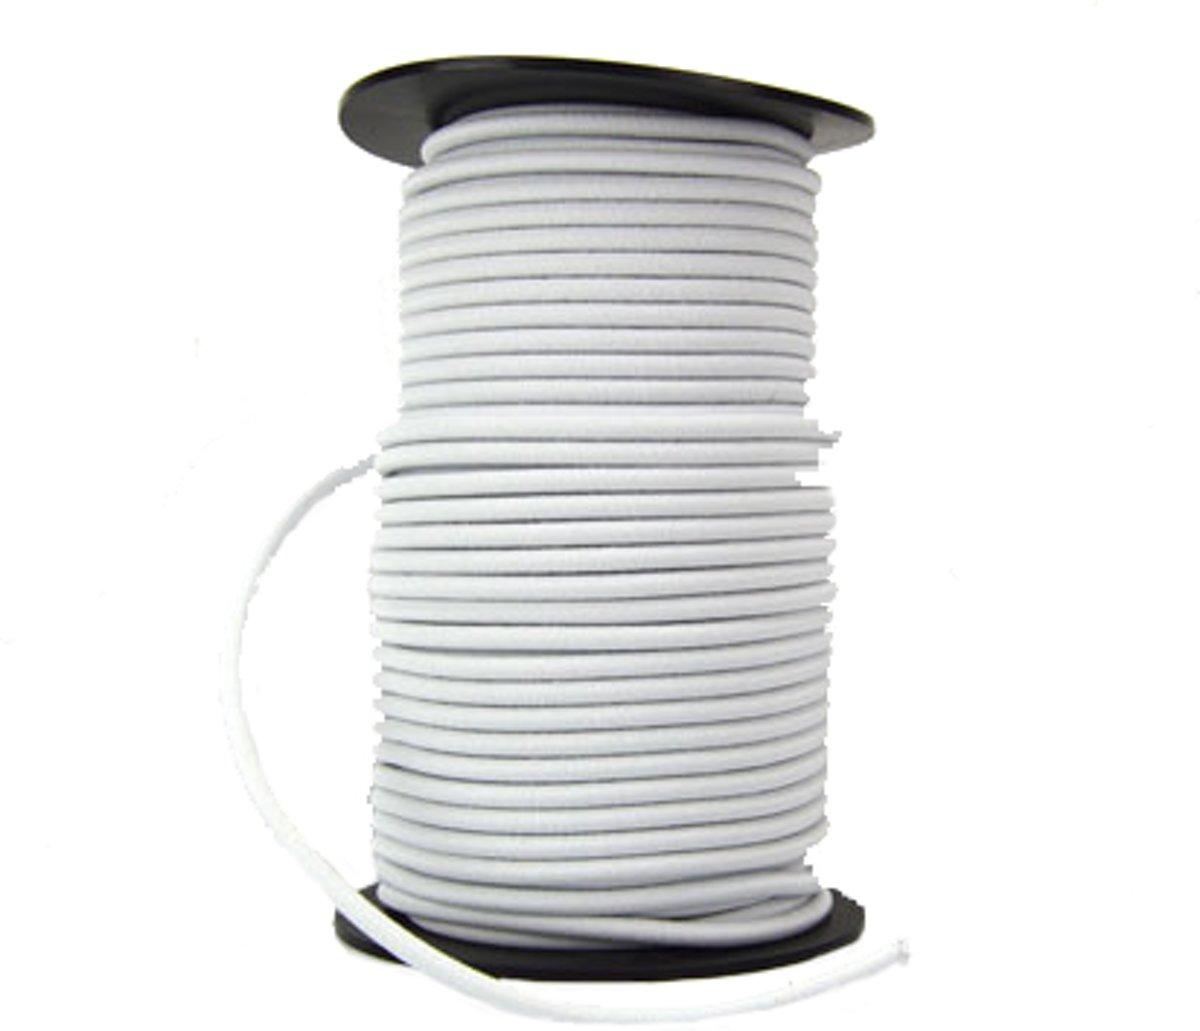 100 meter Elastisch Touw - 6 mm - WIT - elastiek op rol kopen